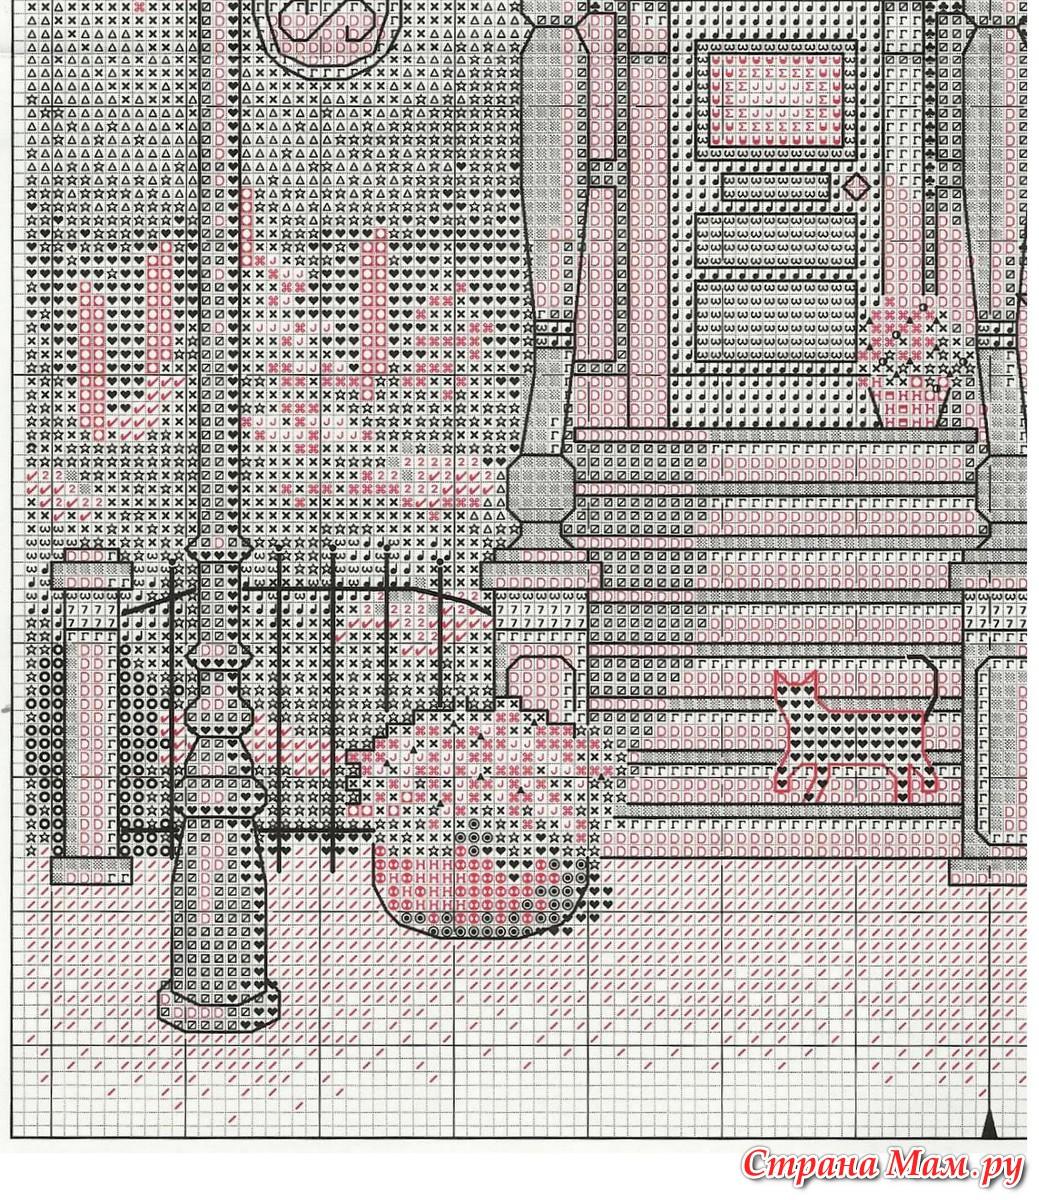 Викторианский шарм вышивка схема 82